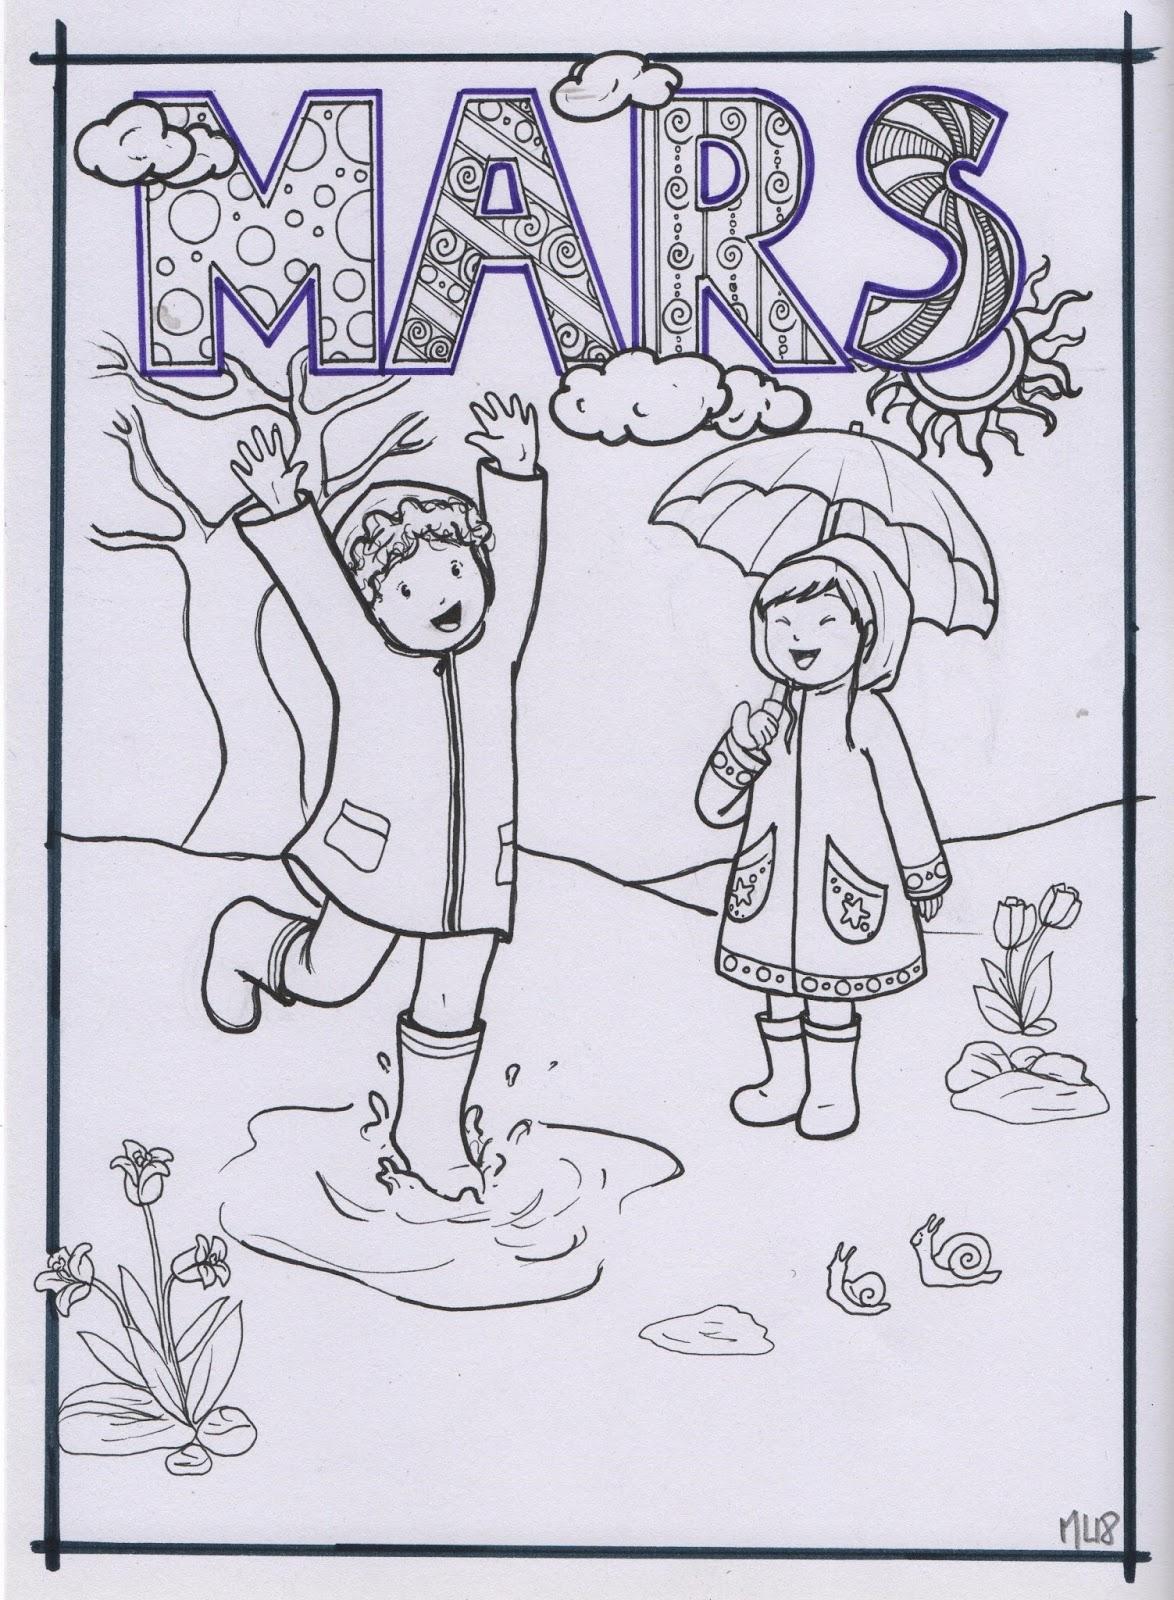 Bibouche En Classe Coloriage Du Mois De Mars